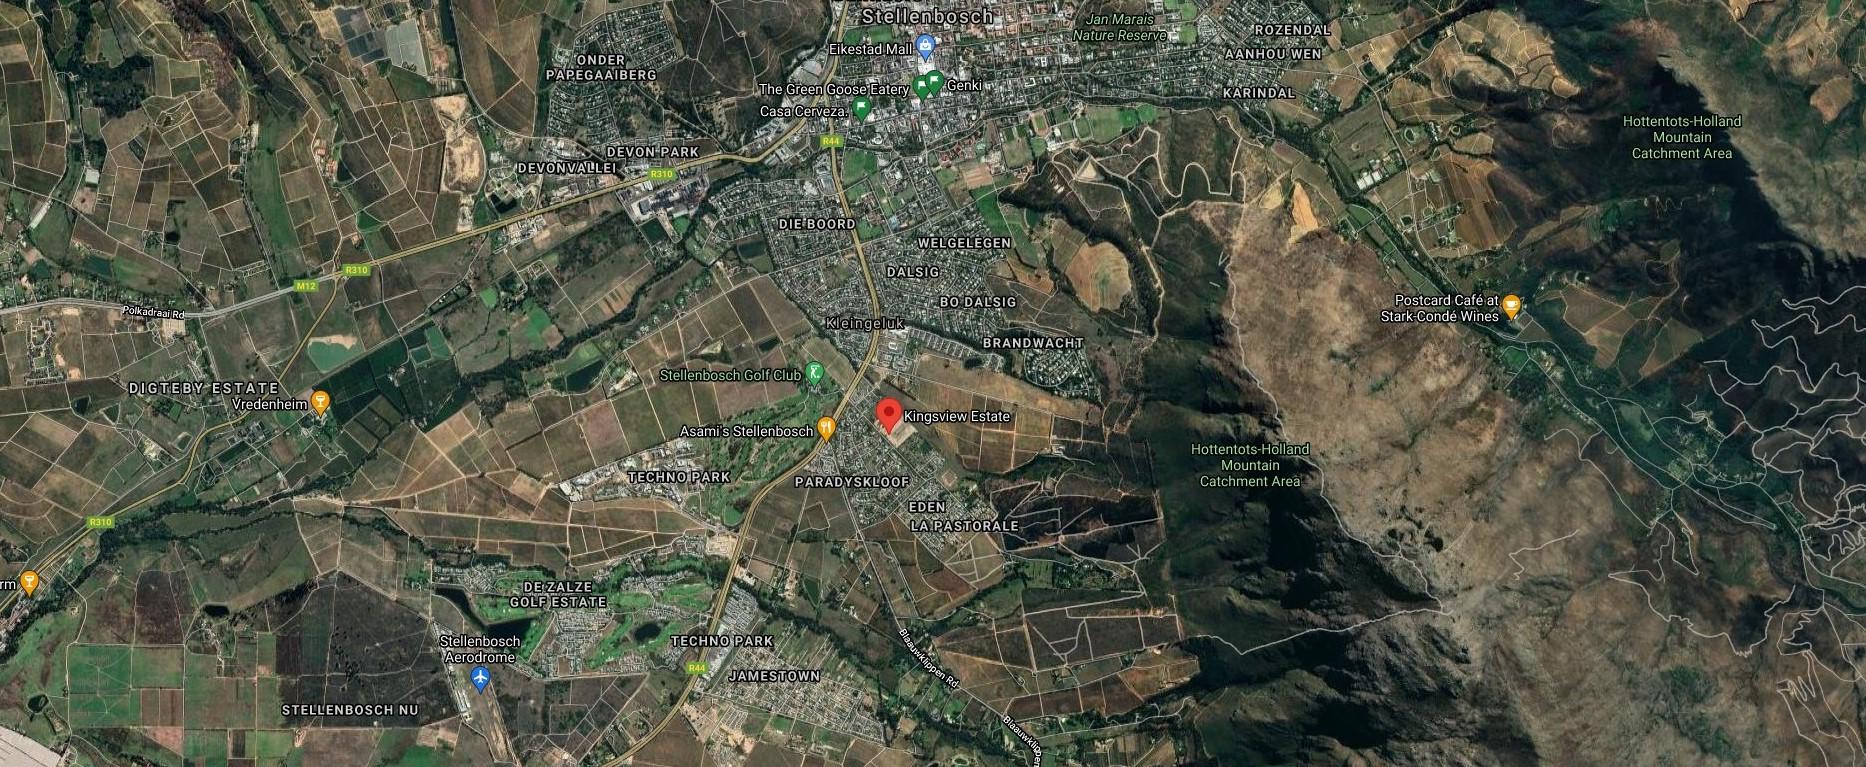 King's View Lifestyle Estate - Winelands, Stellenbosch Map